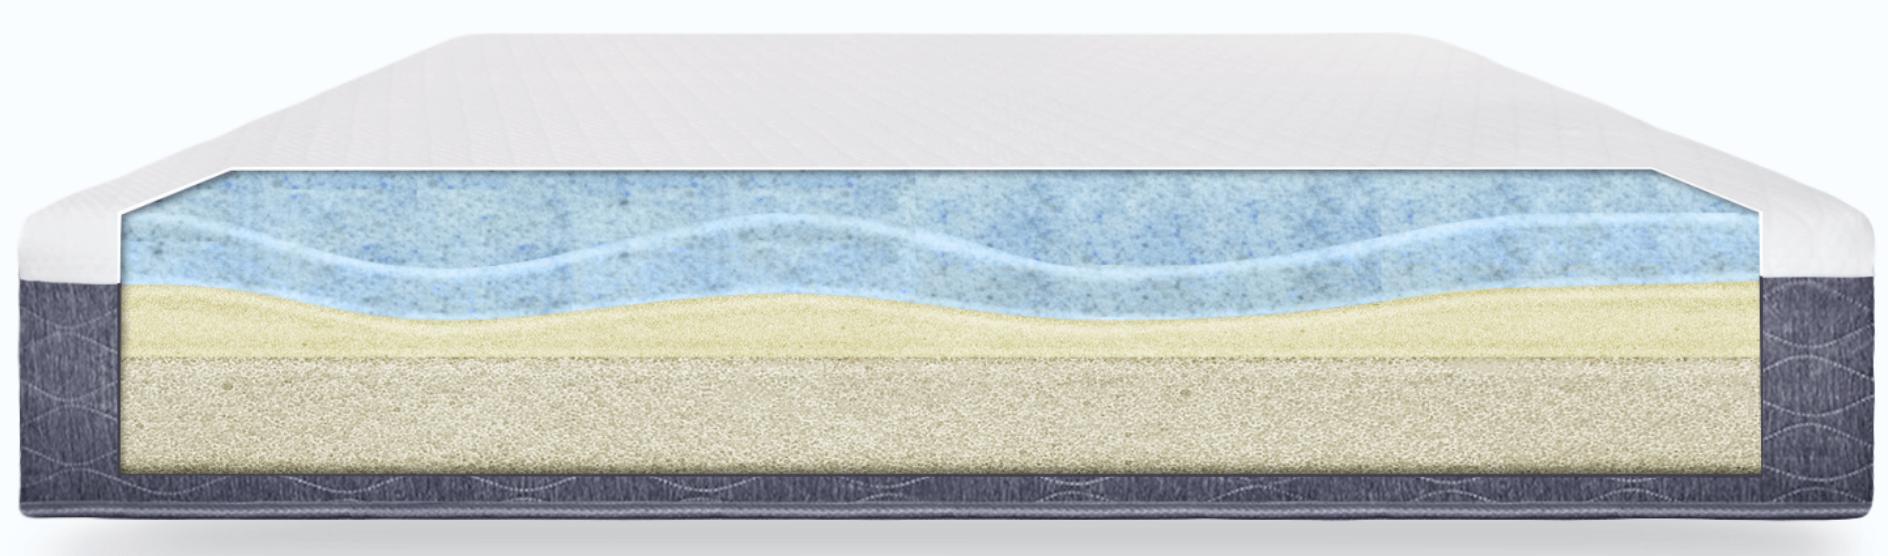 Structure of Sweetzzz mattress